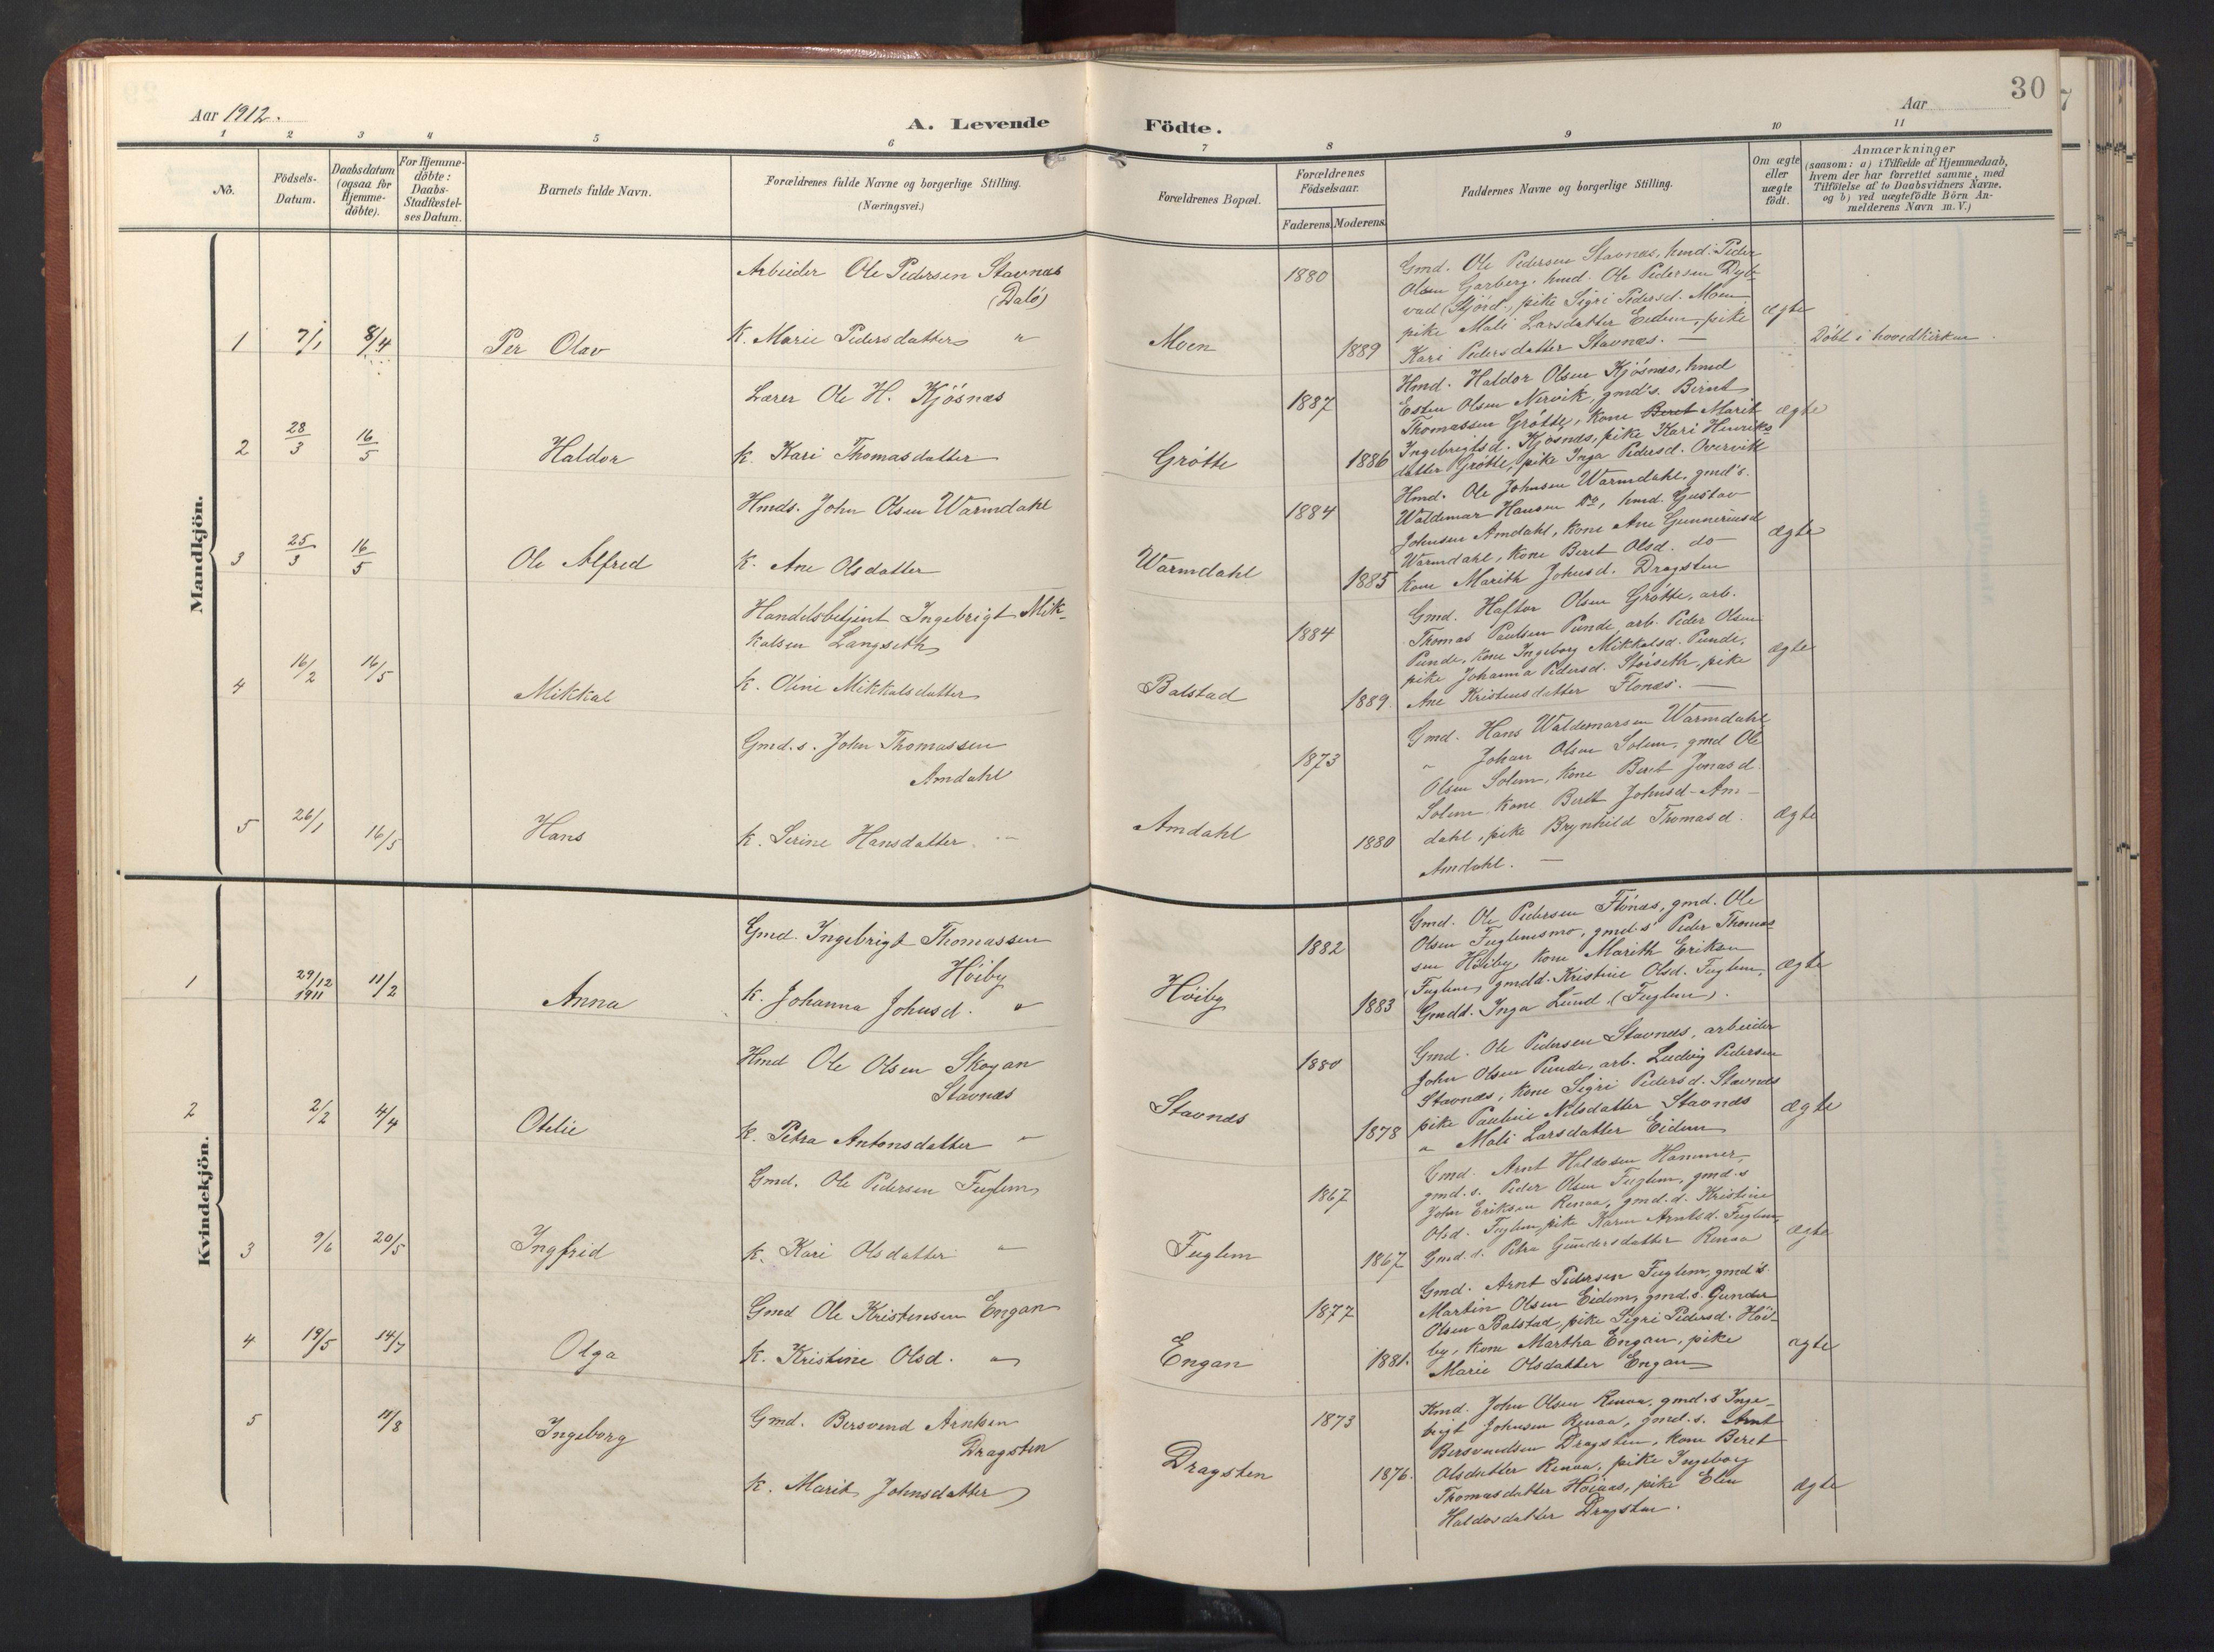 SAT, Ministerialprotokoller, klokkerbøker og fødselsregistre - Sør-Trøndelag, 696/L1161: Klokkerbok nr. 696C01, 1902-1950, s. 30